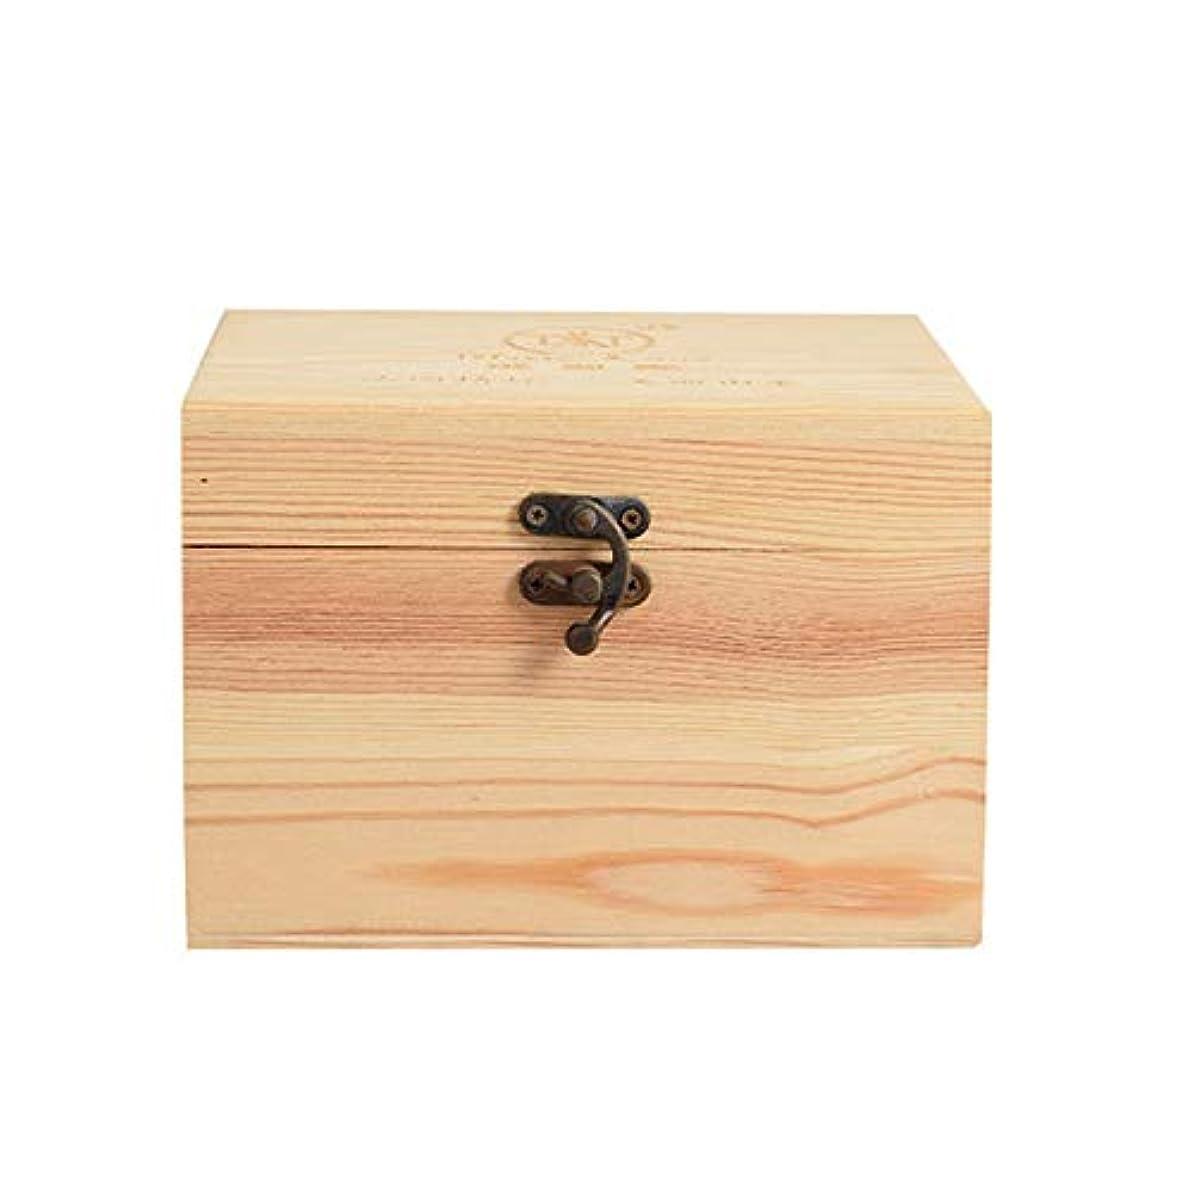 銀行言い直す胴体プレゼンテーションのために9ボトル木製エッセンシャルオイルストレージボックスパーフェクトエッセンシャルオイルケースは被害太陽光からあなたの油を保護します アロマセラピー製品 (色 : Natural, サイズ : 16.5X11.5X15CM)